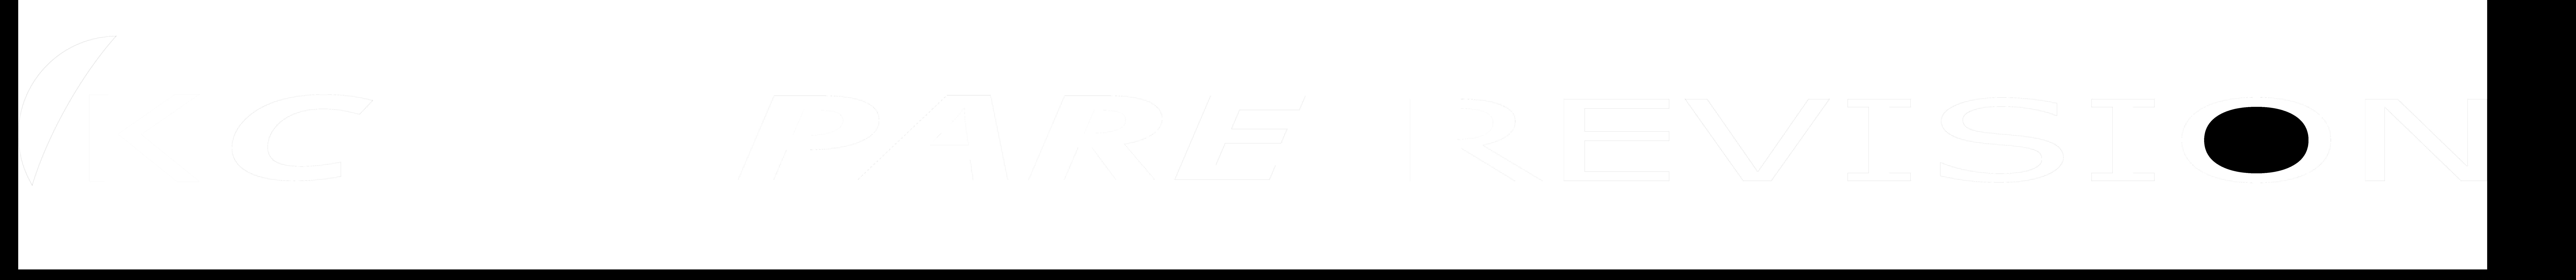 Img_logo_KC-R_white